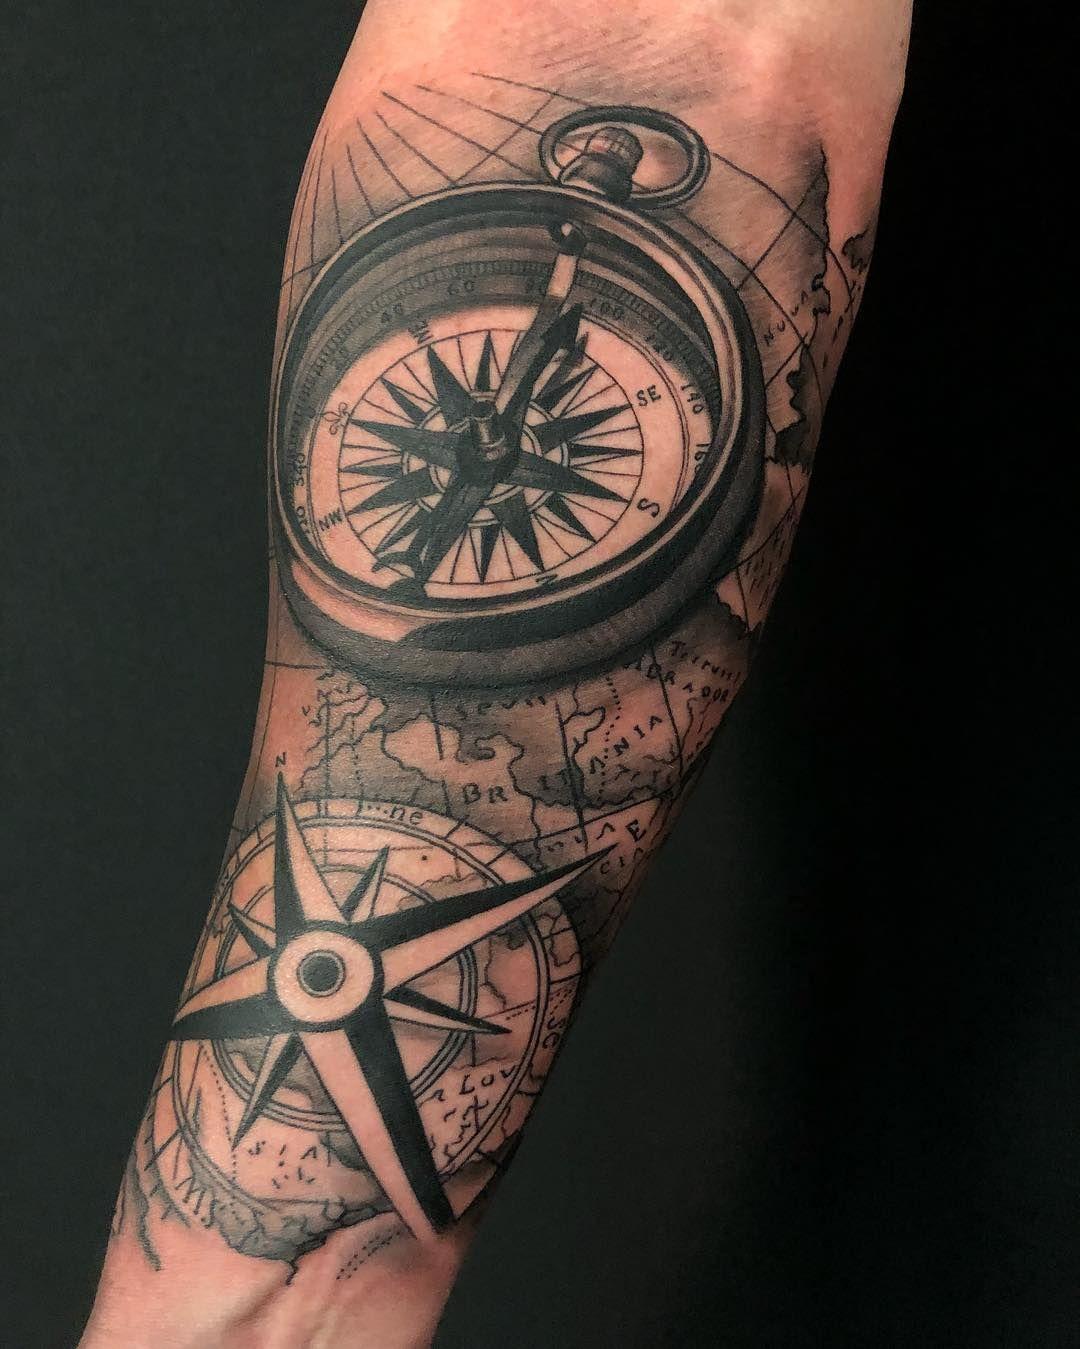 Cool Nautical Theme Tattoo Today Nautical Nauticaltattoo